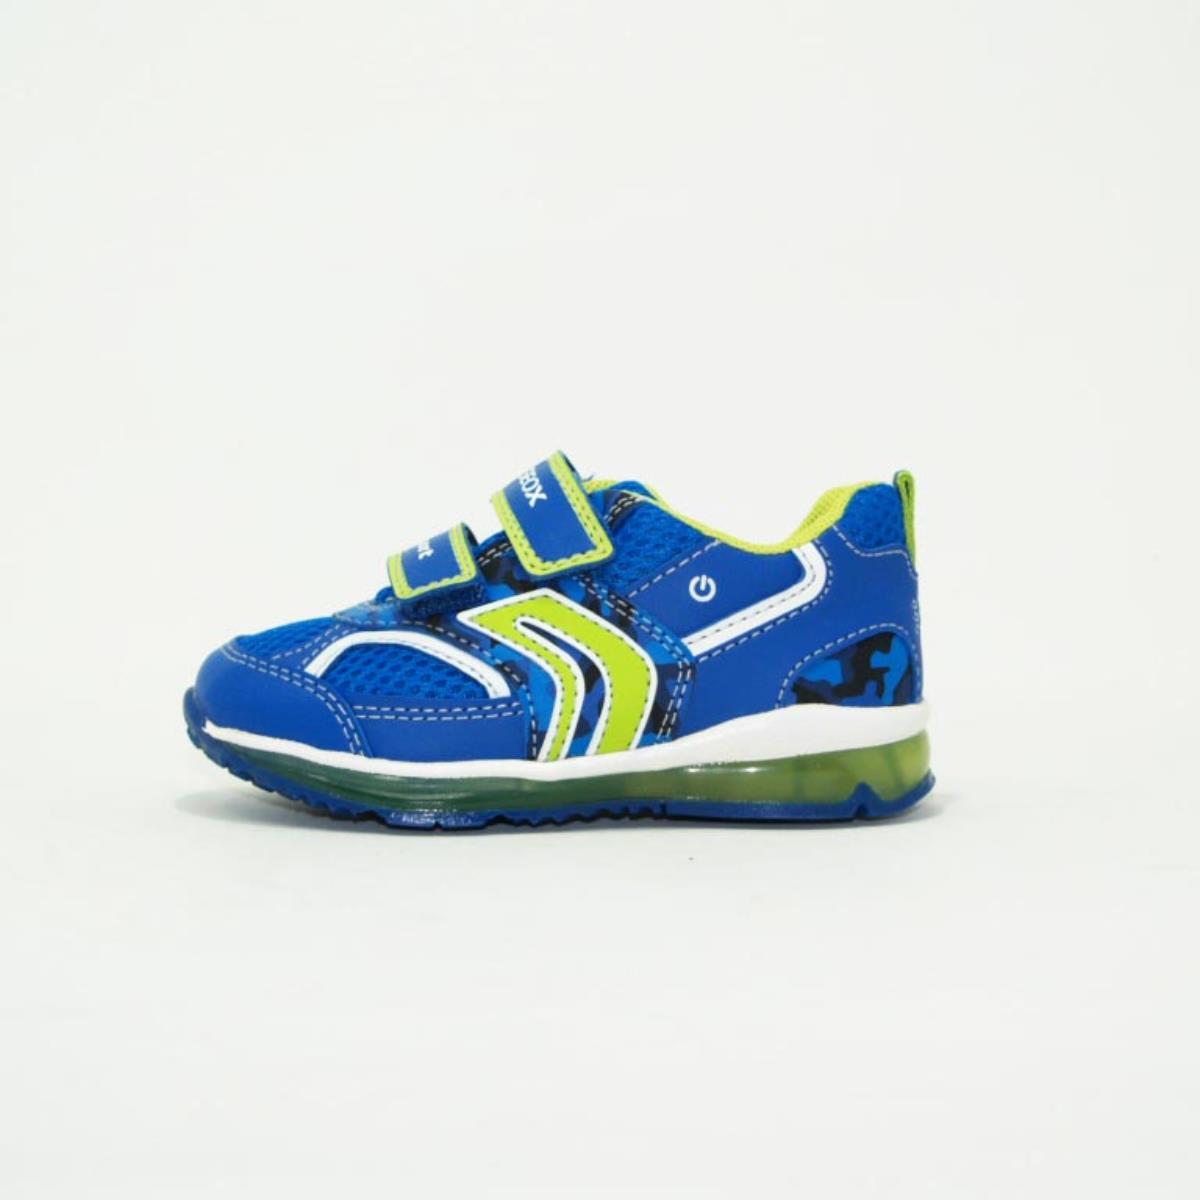 compra meglio ricco e magnifico più economico Geox scarpa bassa sneakers con velcro strappo luci bambino giallo royal  celeste B9284A